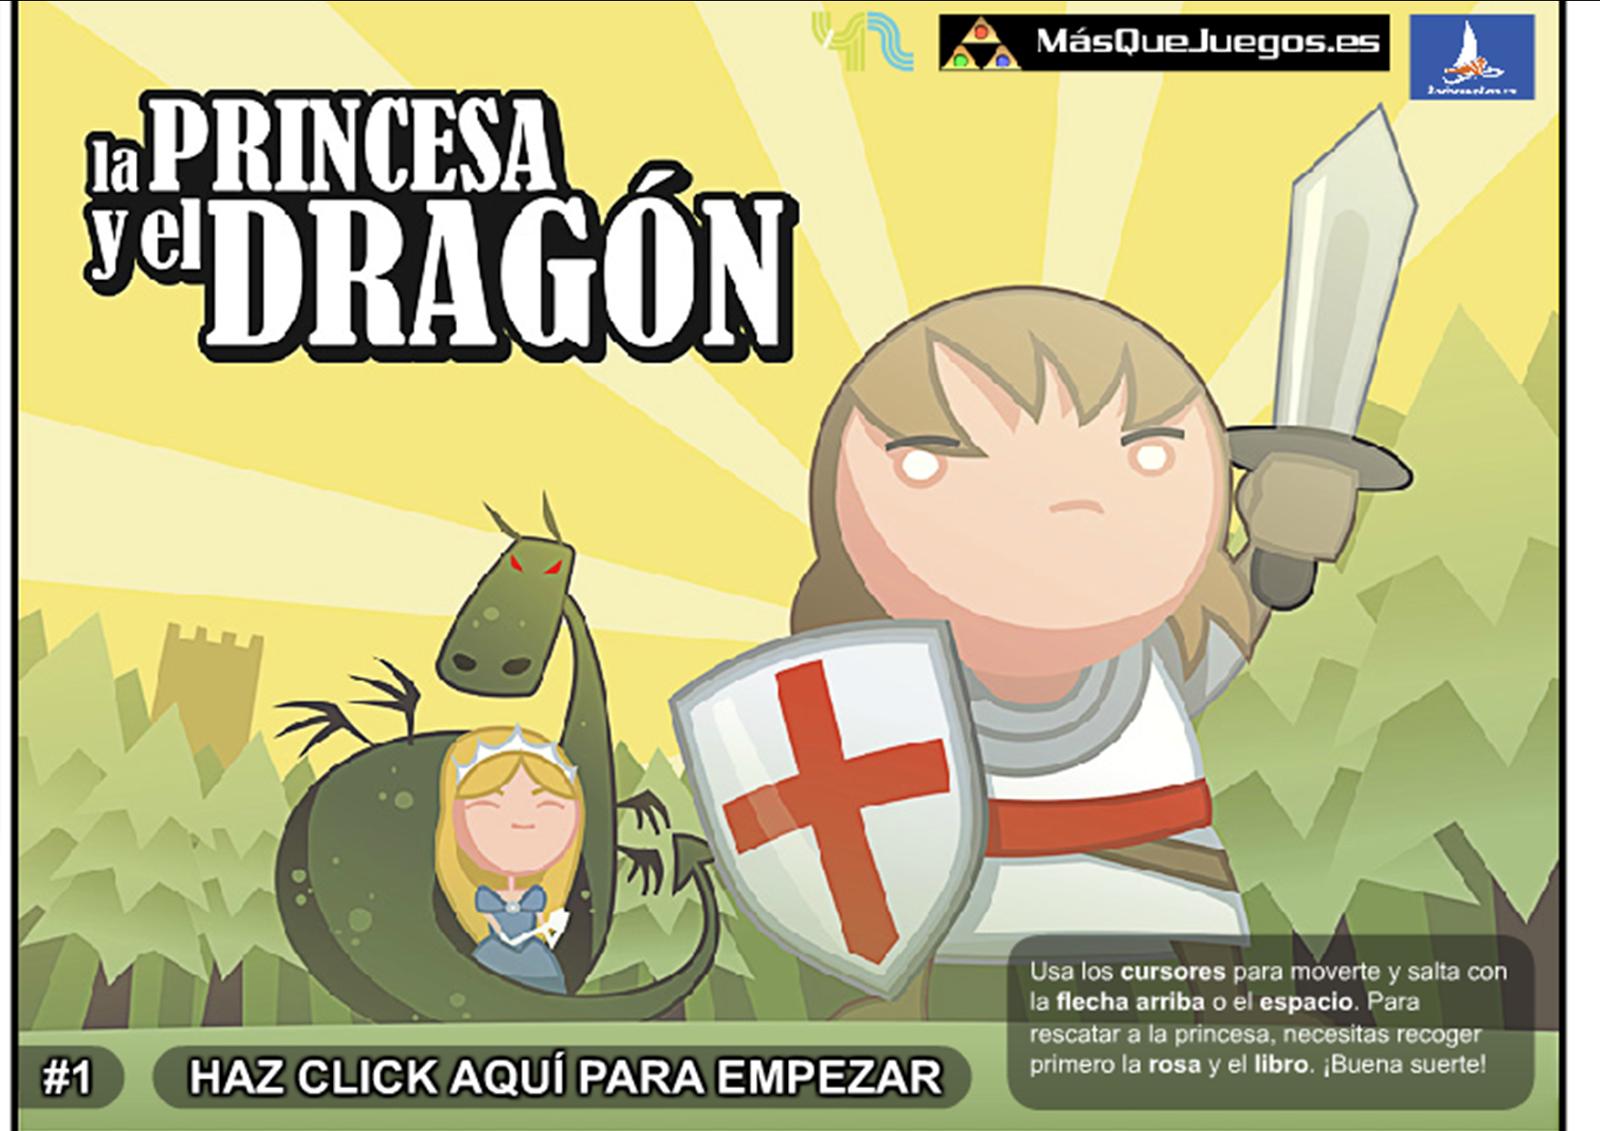 http://www.masquejuegos.es/juegos-de-plataformas-la-princesa-y-el-dragon_play_1058